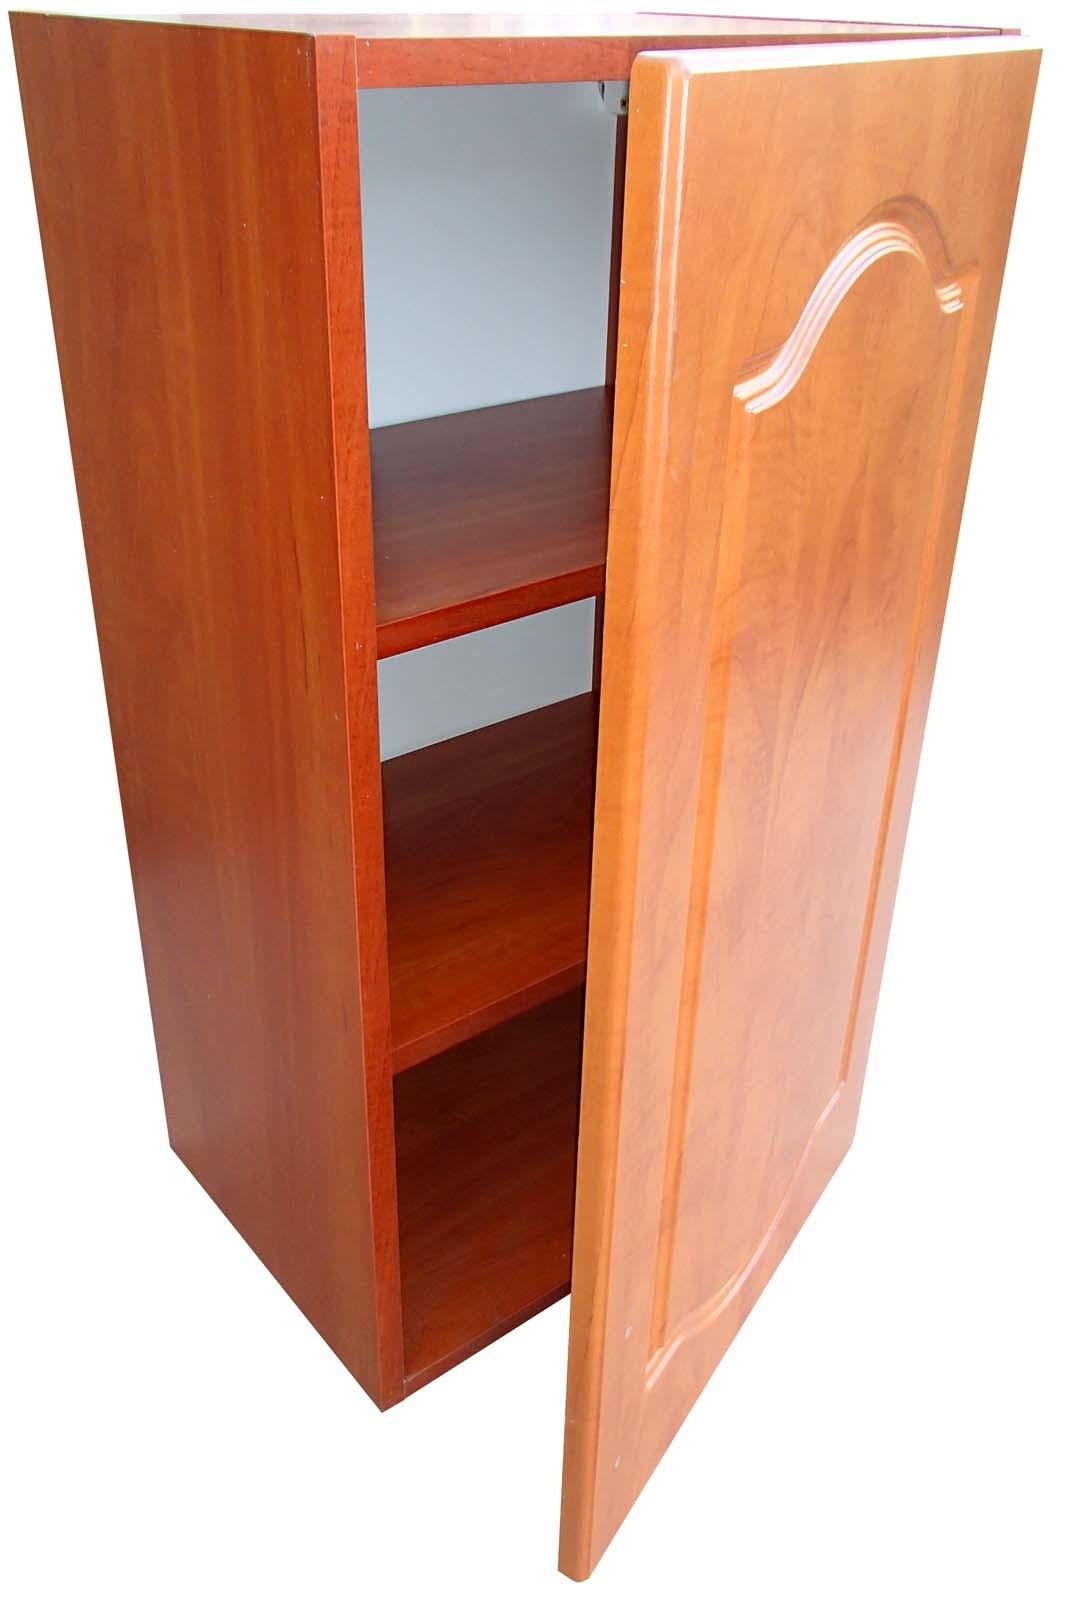 Kuchyňská skříňka horní 1D 40 cm kalvádos